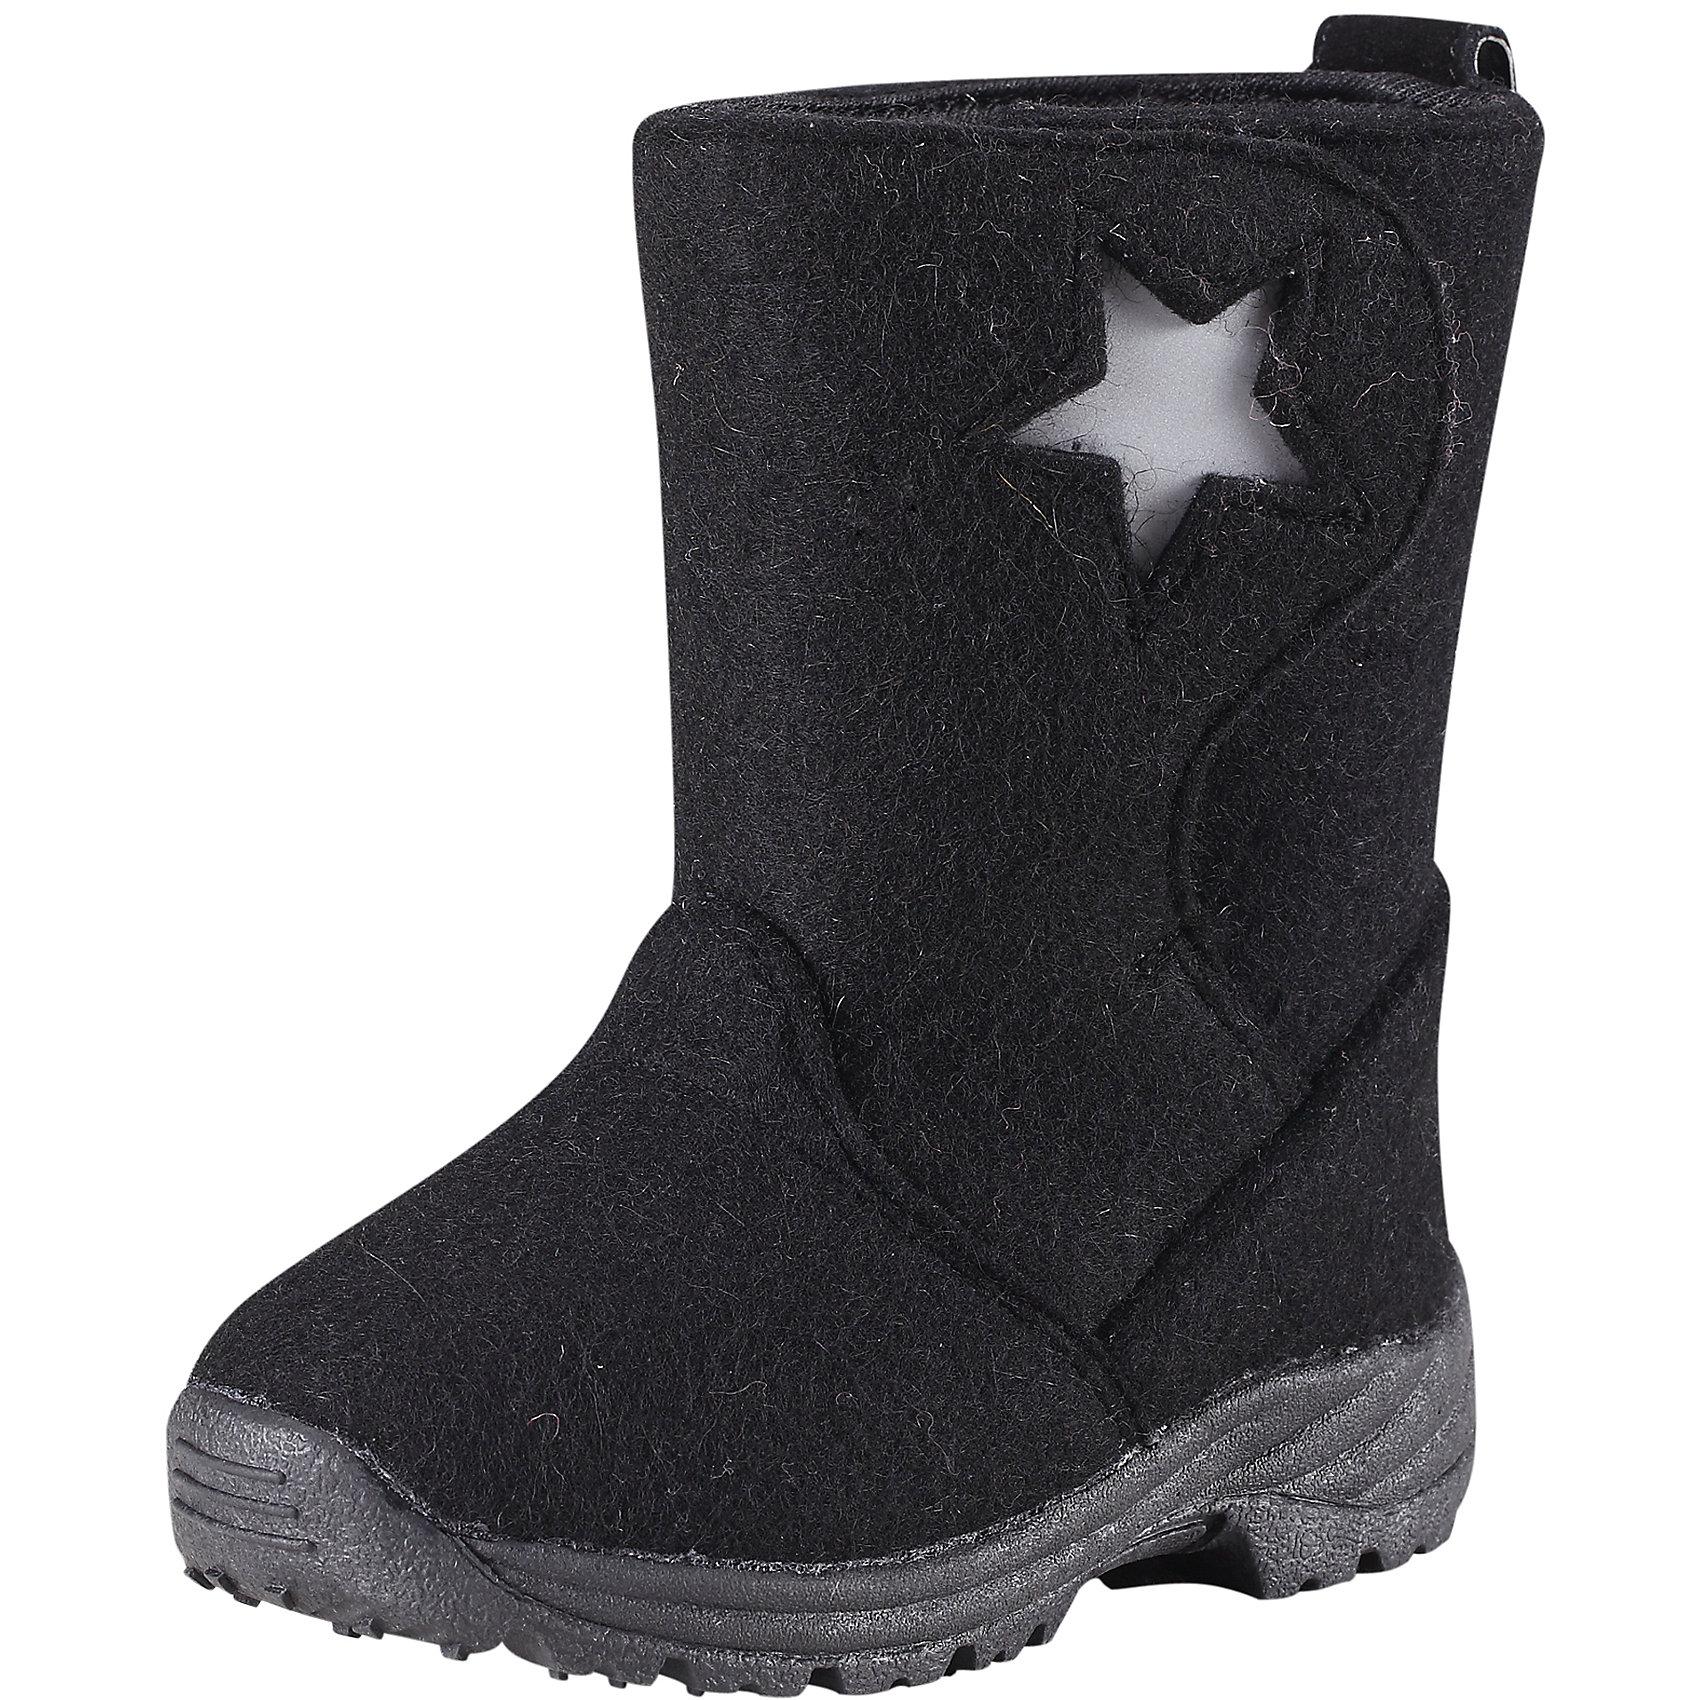 Ботинки ReimaНадёжная обувь для особенно холодных зимних дней: ботинки из фетра на каучуковой подошве, гарантирующей хорошее сцепление с поверхностью - это то, о чём дети могли только мечтать несколько десятилетий назад... Дополнительное утепление за счёт мягкой смеси шерсти и фетровых стелек, которые вынимаются. С помощью стелек можно легко проверить размер ботинка: впереди должно оставаться пространство в 1,5 см для движения и роста ноги. Эти супер-тёплые ботинки легко обуваются благодаря новой конструкции голенища, которое полностью расстёгивается и застёгивается с помощью липучек. Таким образом, вы можете отрегулировать ботинки, чтобы они плотно прилегали к ножке. Подошва из термопластичного каучука обеспечивает не только хорошее сцепление с поверхностью, но и теплоизоляцию. Благодаря рифлёному узору на подошве штрипки брюк и комбинезона будут надёжно сидеть на пятке. Забавные декоративные светоотражающие детали оживляют образ и обеспечивают дополнительную безопасность в темноте.<br><br>Детские ботинки Reima® ORIGINAL из фетра для особенно холодных зимних дней<br>Удобная и тёплая шерстяная подкладка<br>Стельки вынимаются, рисунок Happy Fit помогает правильно определить размер ноги<br> Подошва из термопластичного каучука обеспечивает хорошее сцепление с поверхностью<br>Светоотражающие детали на голенище<br>Состав:<br>Подошва: термопластичная резина, Верх: Шерсть<br>Высокая степень утепления (до - 30)<br><br>Ботинки Reima (Рейма) можно купить в нашем магазине.<br><br>Ширина мм: 237<br>Глубина мм: 180<br>Высота мм: 152<br>Вес г: 438<br>Цвет: черный<br>Возраст от месяцев: 60<br>Возраст до месяцев: 72<br>Пол: Унисекс<br>Возраст: Детский<br>Размер: 29,28,24,26,27,30,25<br>SKU: 4209249